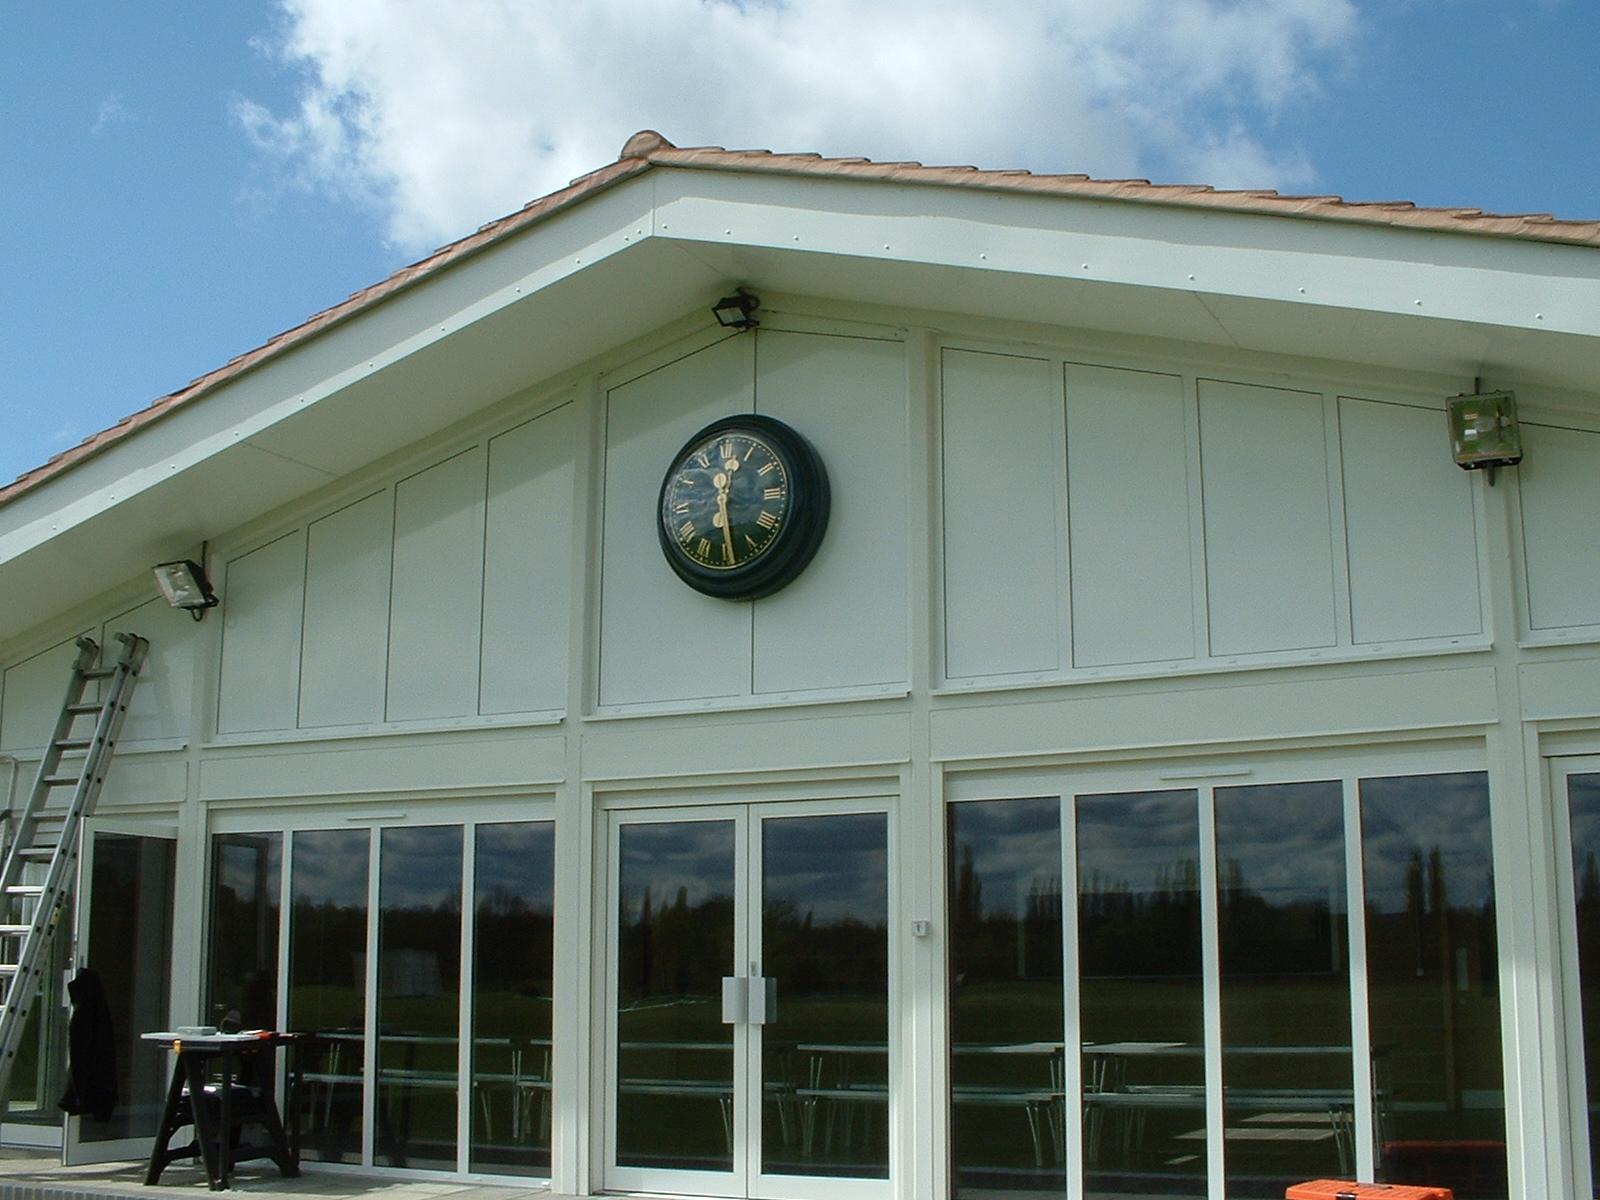 Pavilion clock